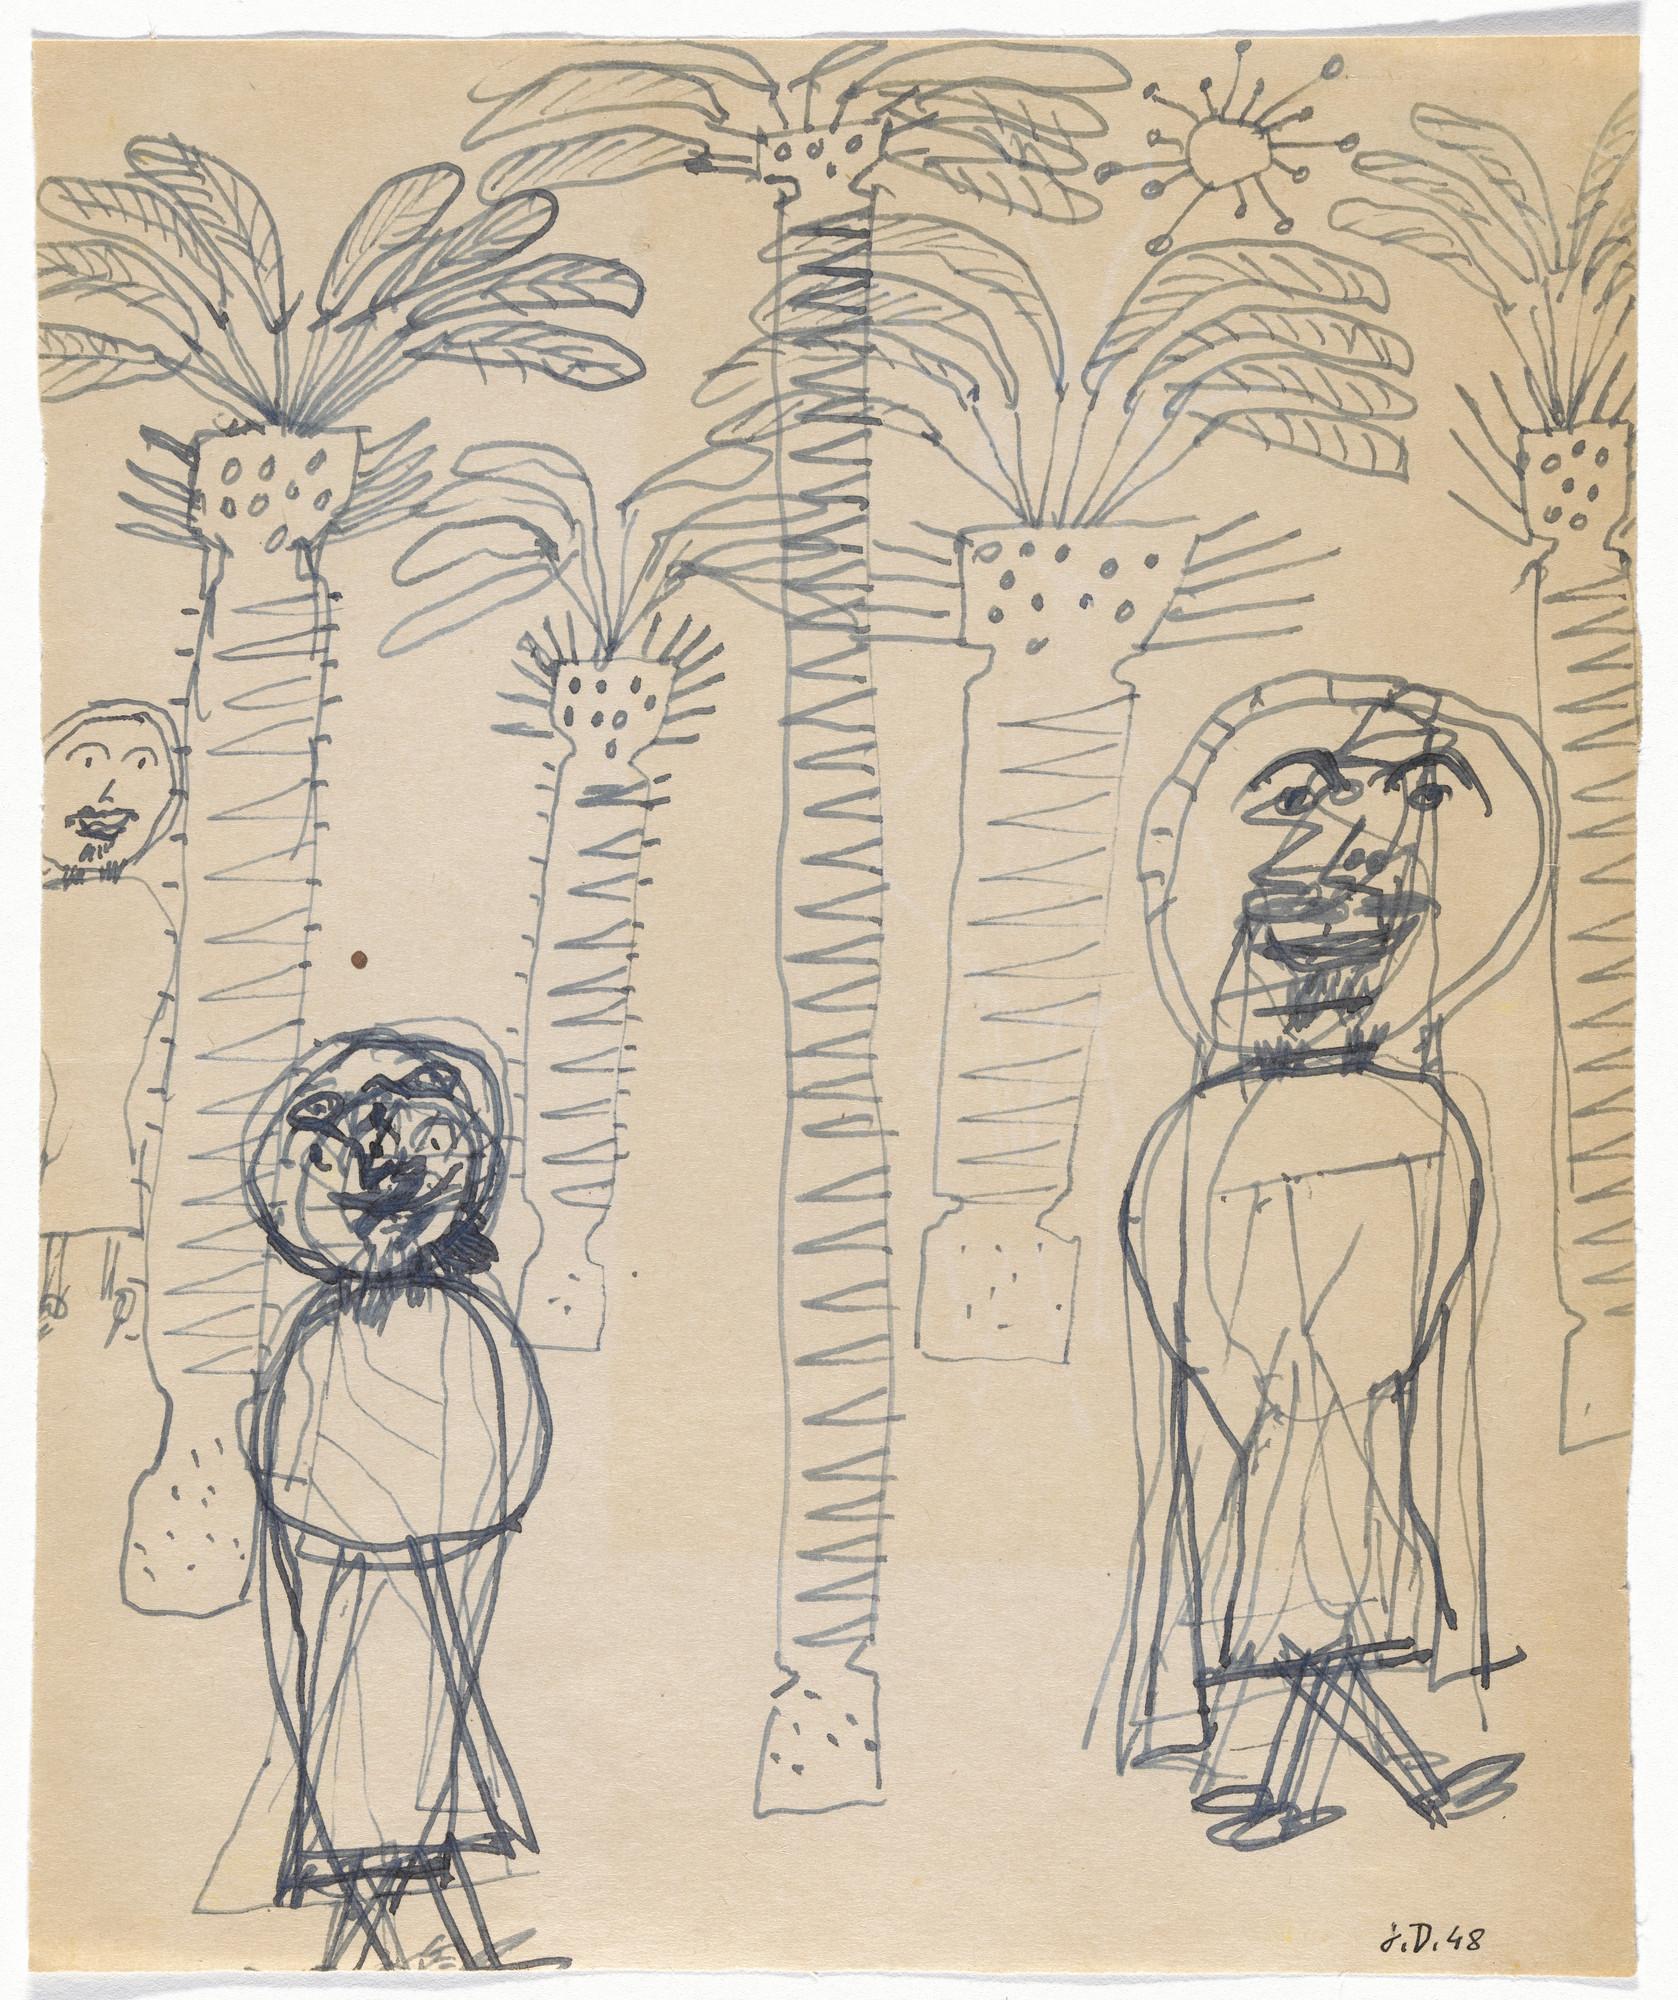 Jean Dubuffet. Sketchbook: El Golea, II. 1948